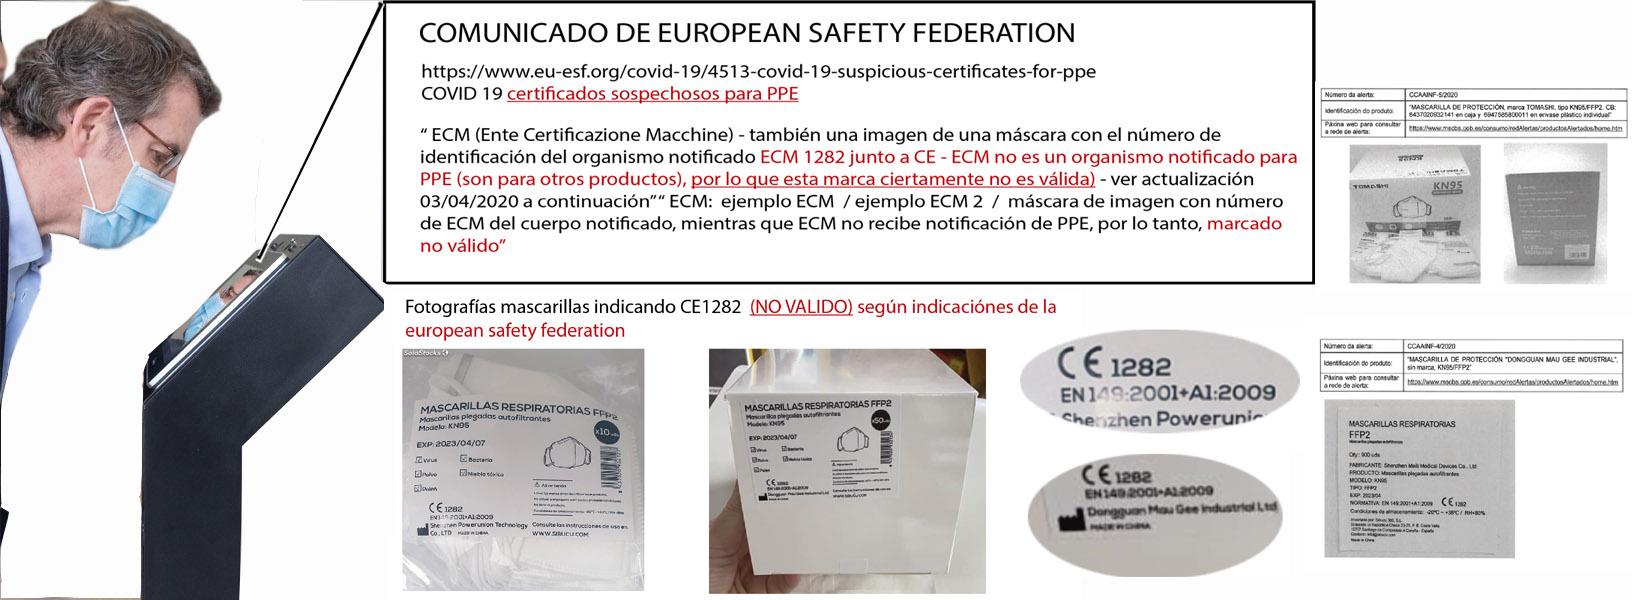 Ines Rey obriga ao goberno de Feijóo a facer PCR aos empregados municipais  ao enviarlle unha lista con nome e apelidos, ante a evasiva de cumprir con  súas obrigas e competencias. -